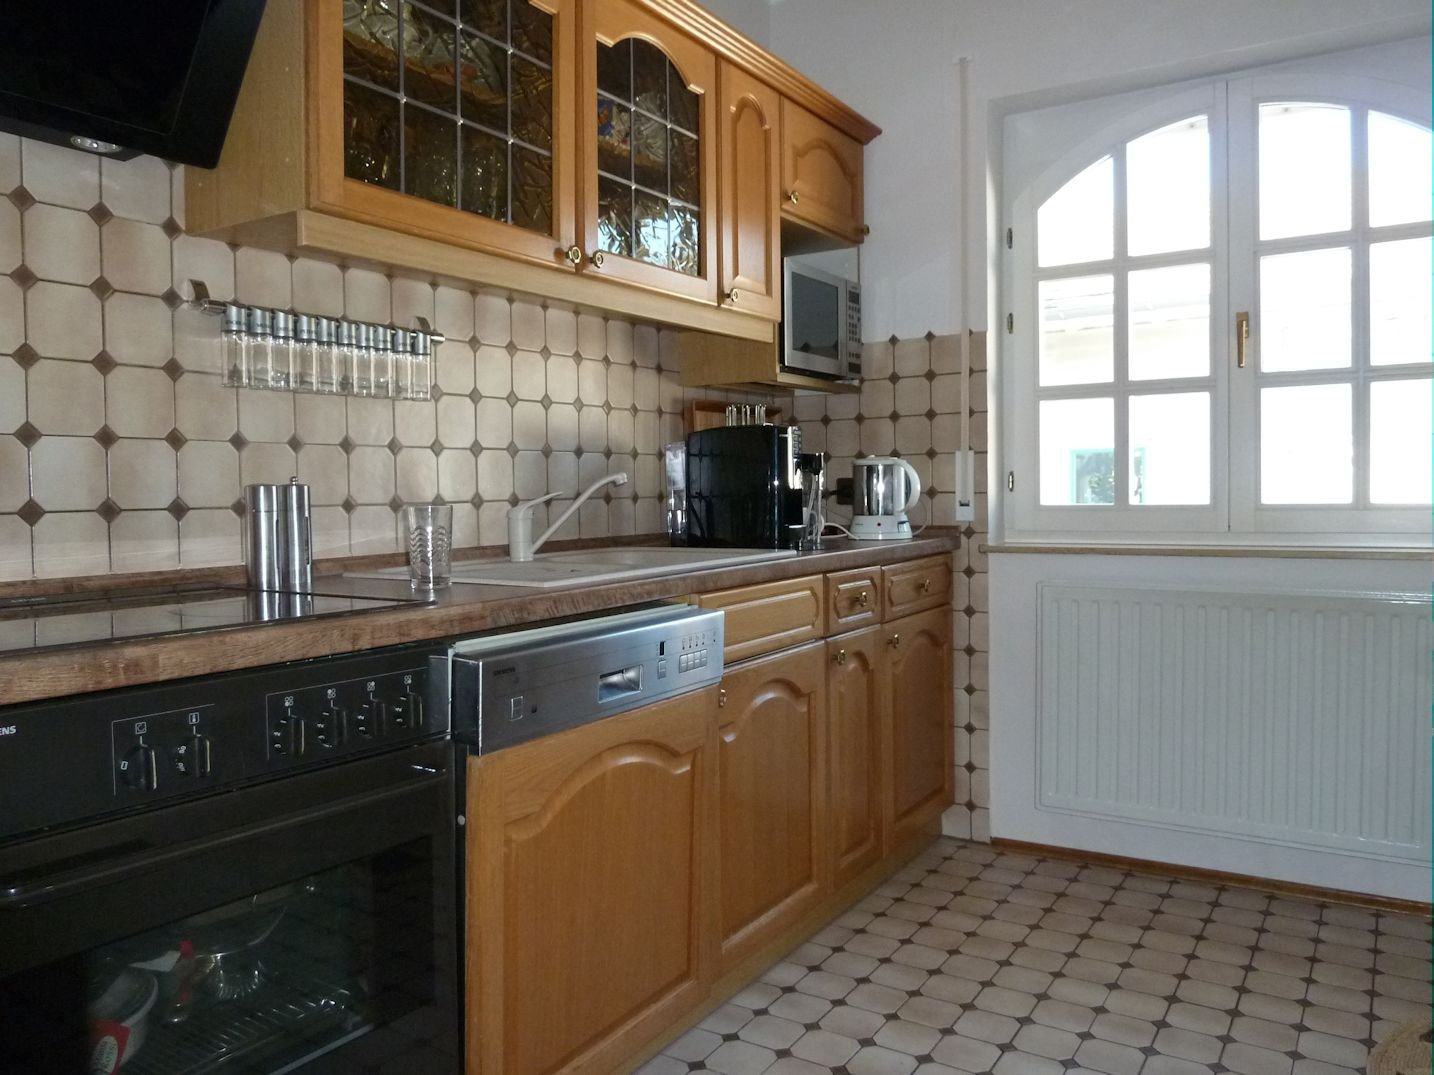 meijer immobilien. Black Bedroom Furniture Sets. Home Design Ideas